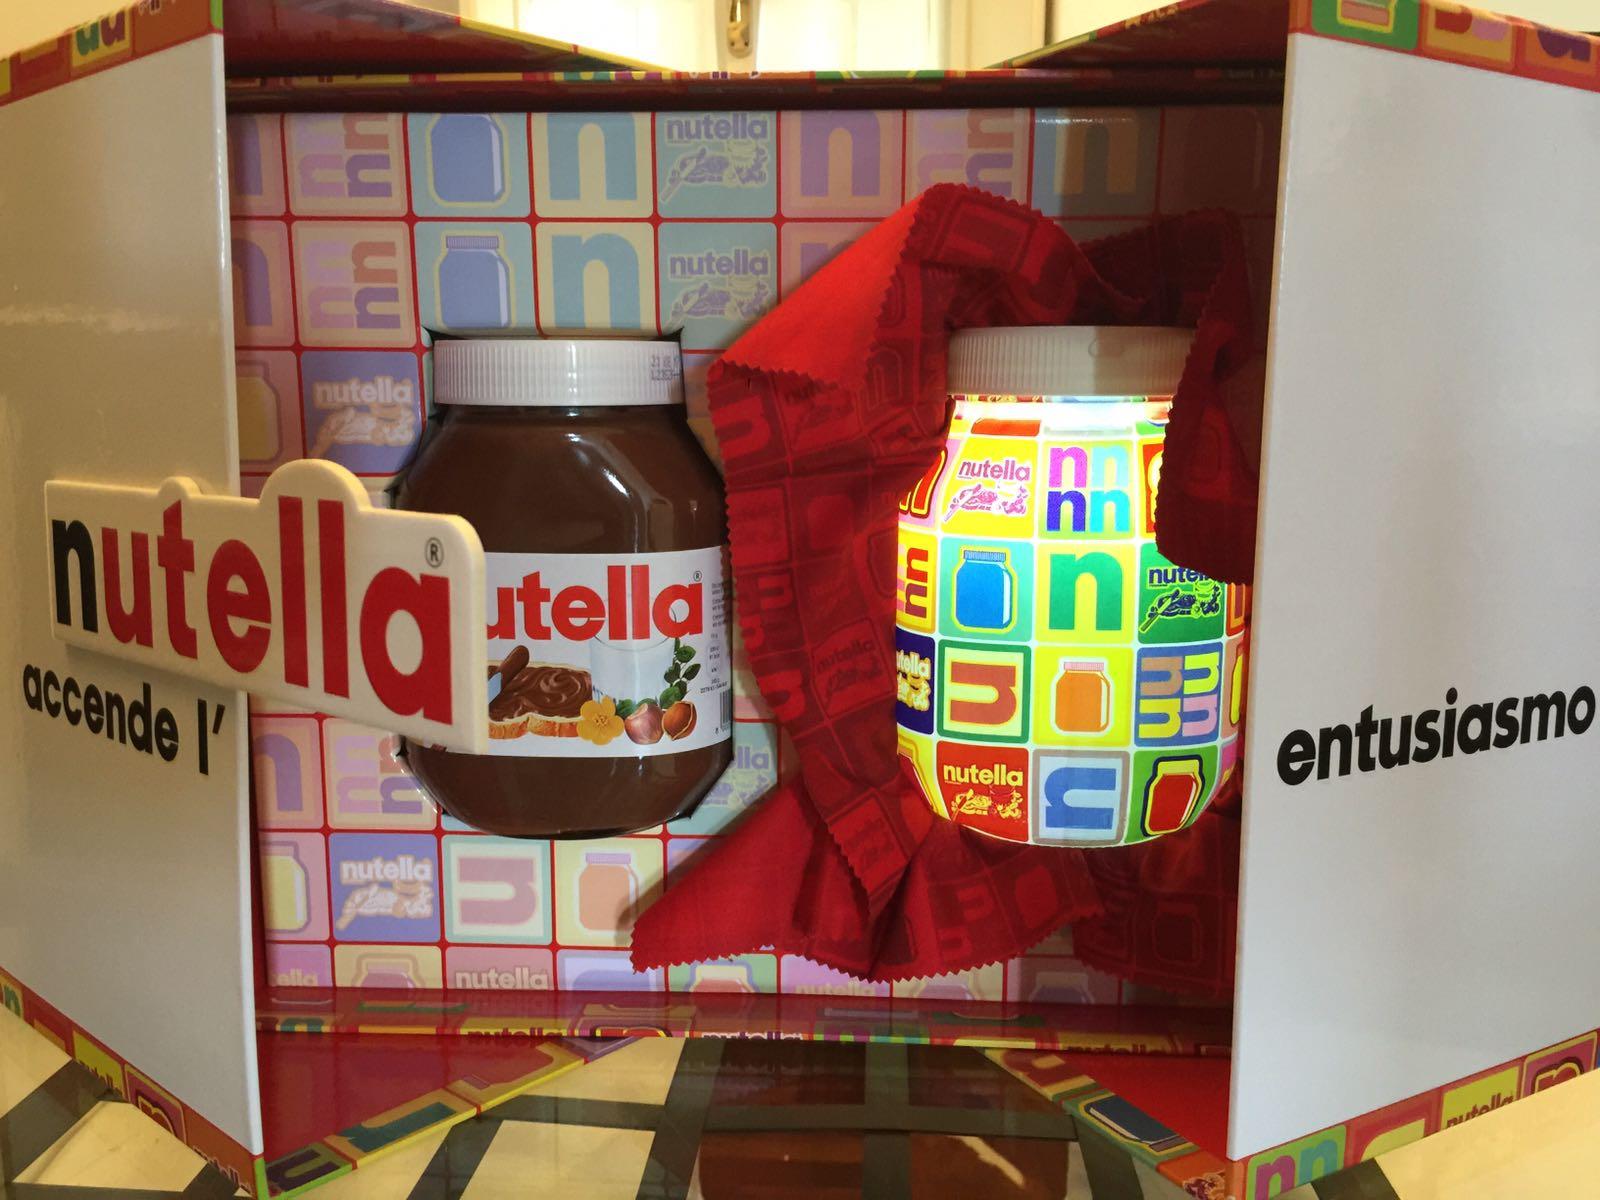 Lampada Barattolo Nutella : Nutella accende l entusiasmo come con la nutella lampada